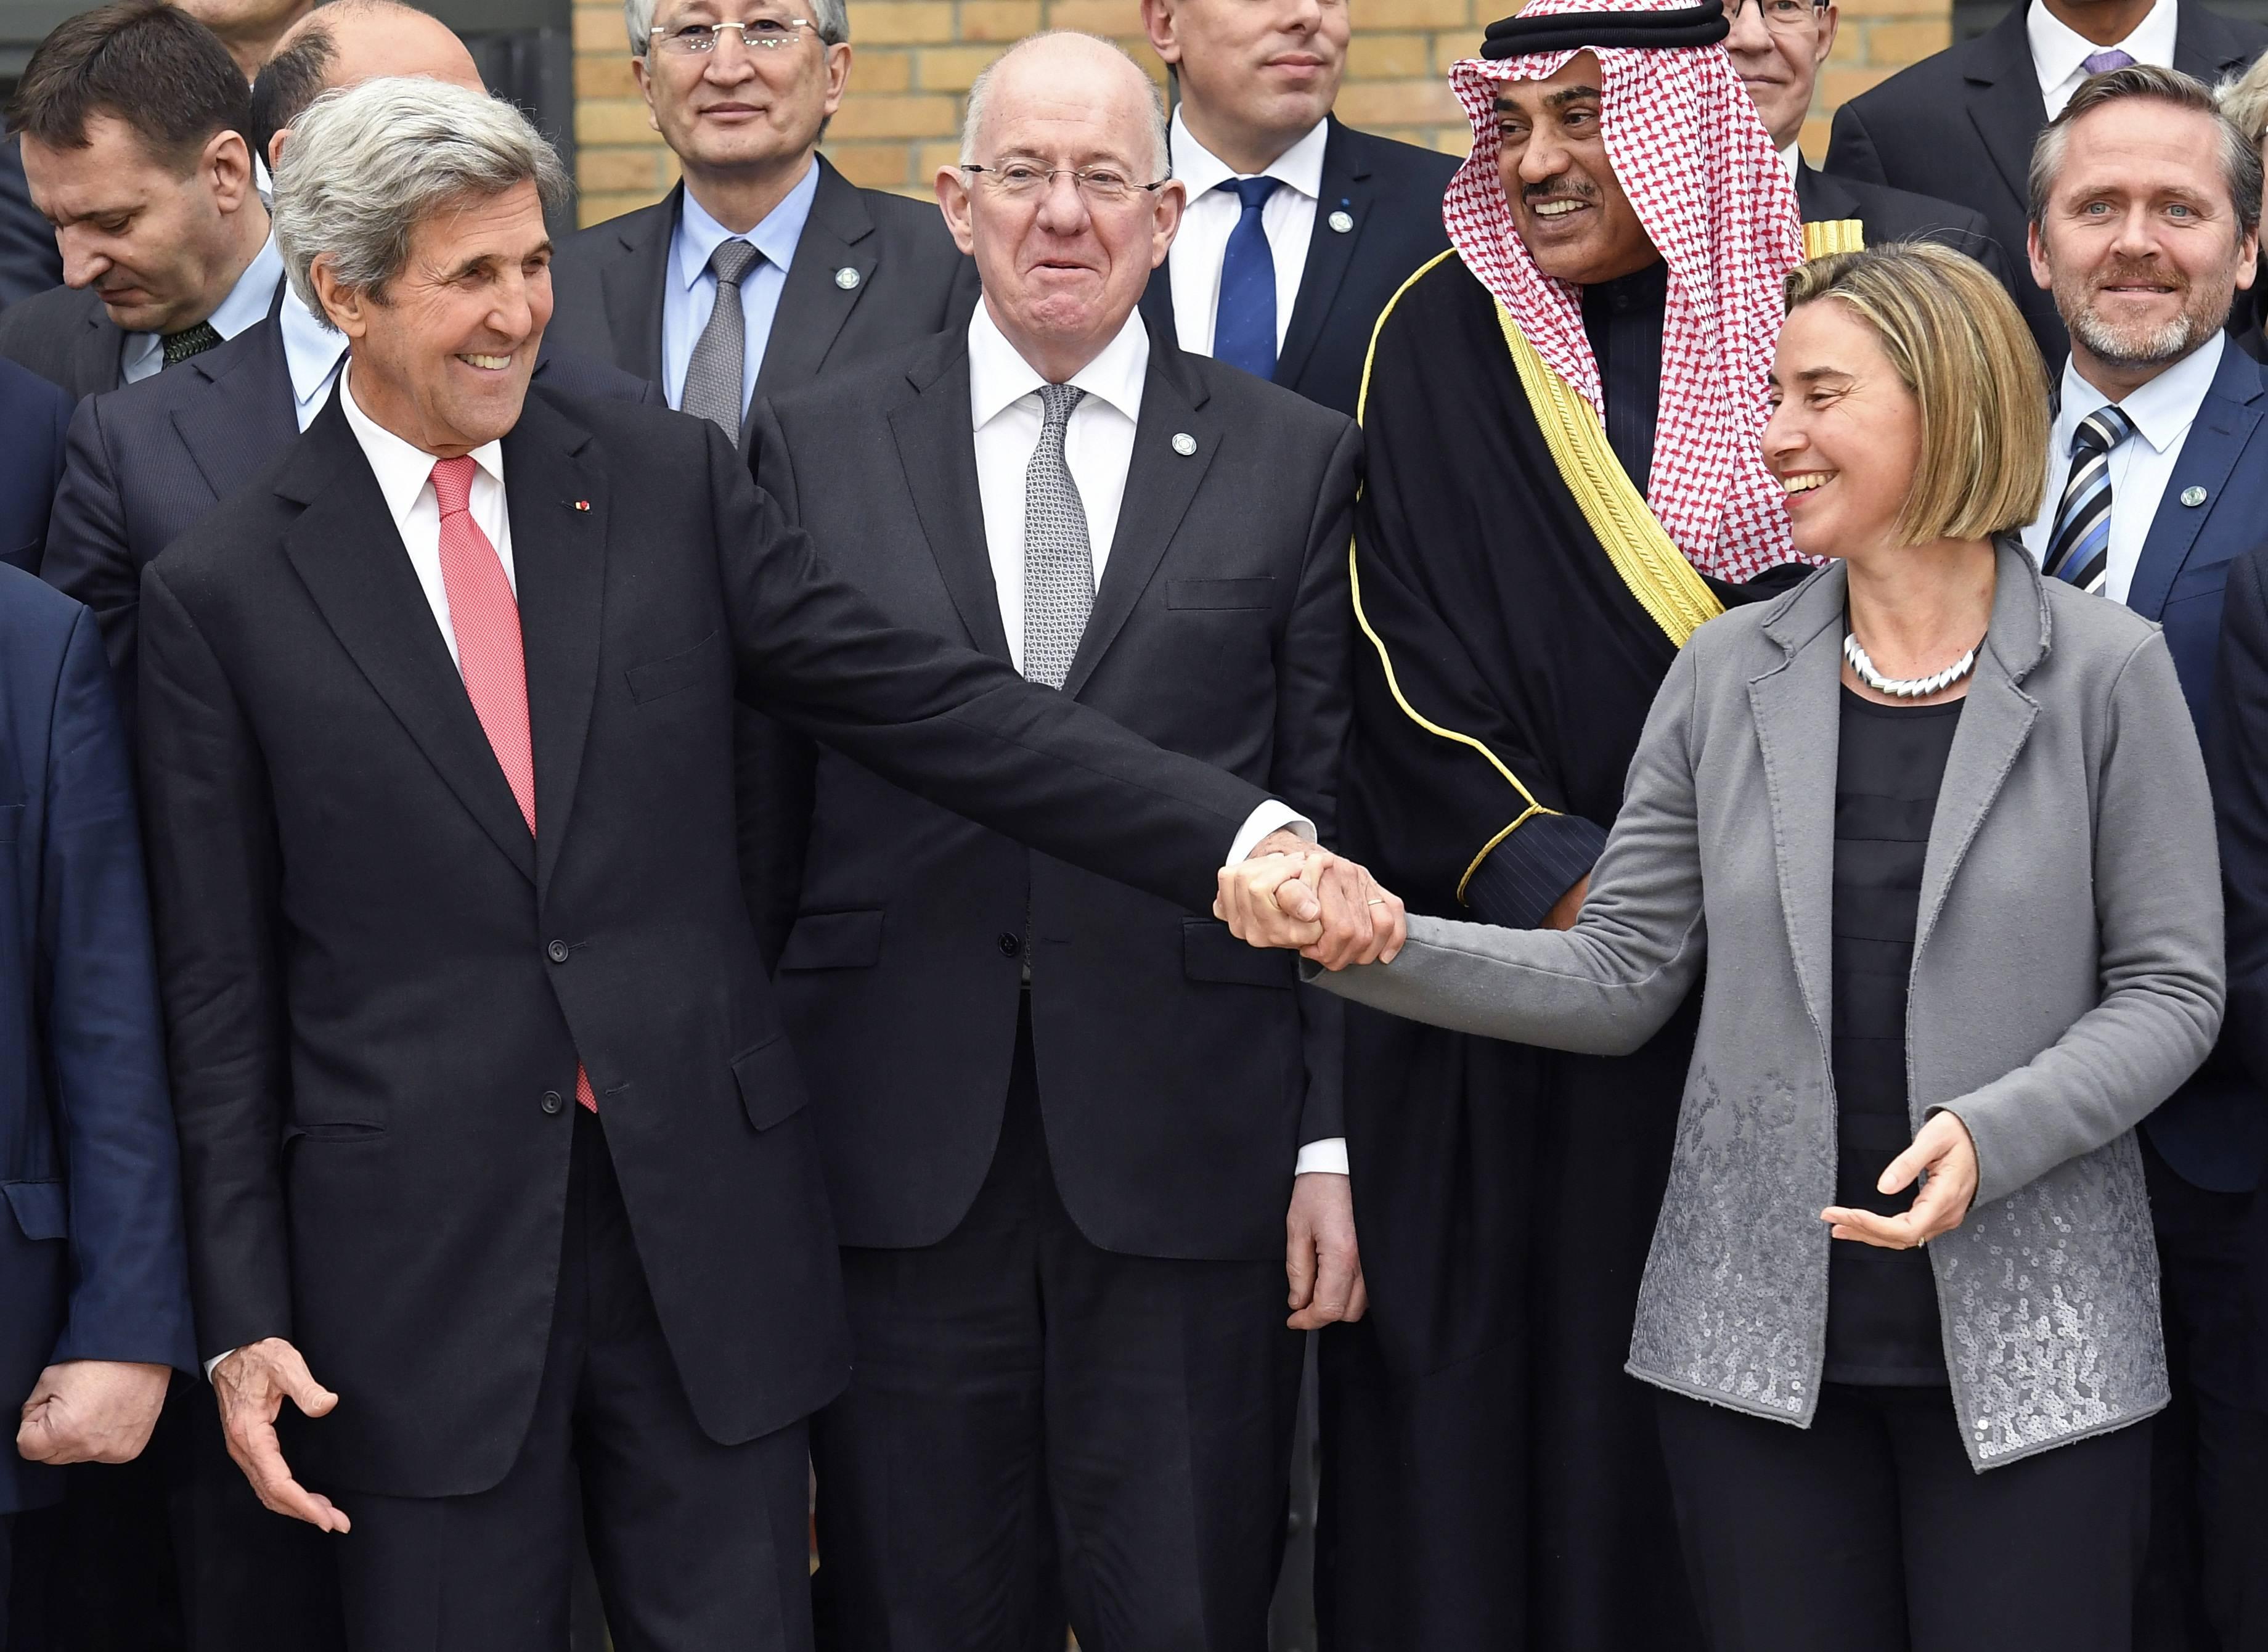 وزير  الخارجية الامريكى جون كيري يصافح فيديريكا موجيريني